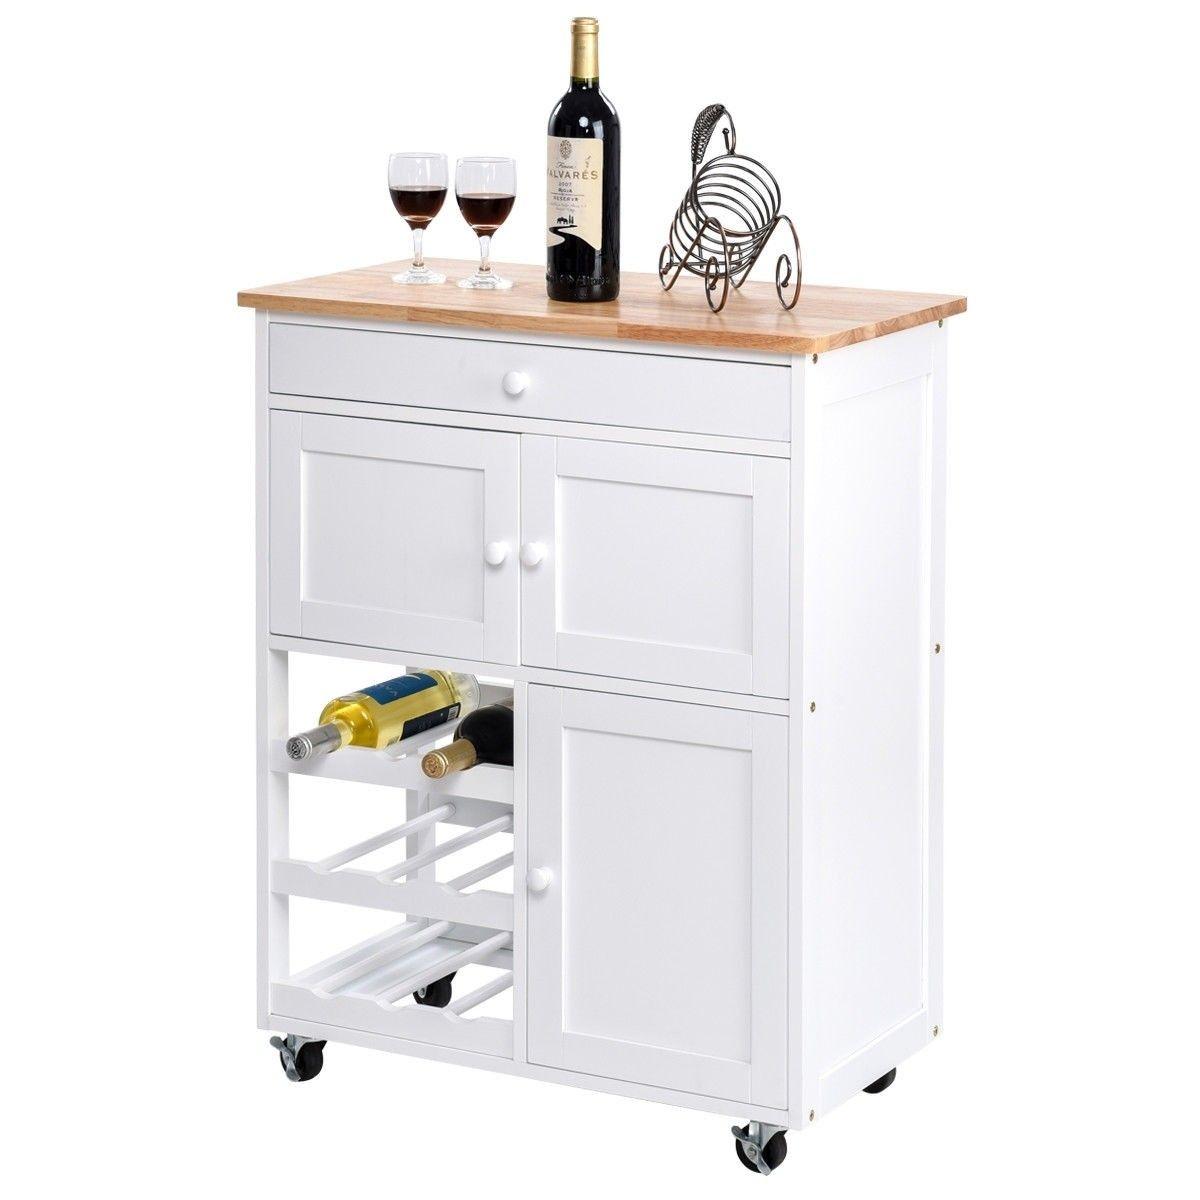 Modern Rolling Storage Kitchen Cart With Drawer With Images Kitchen Cart With Drawers Kitchen Cart Island Storage